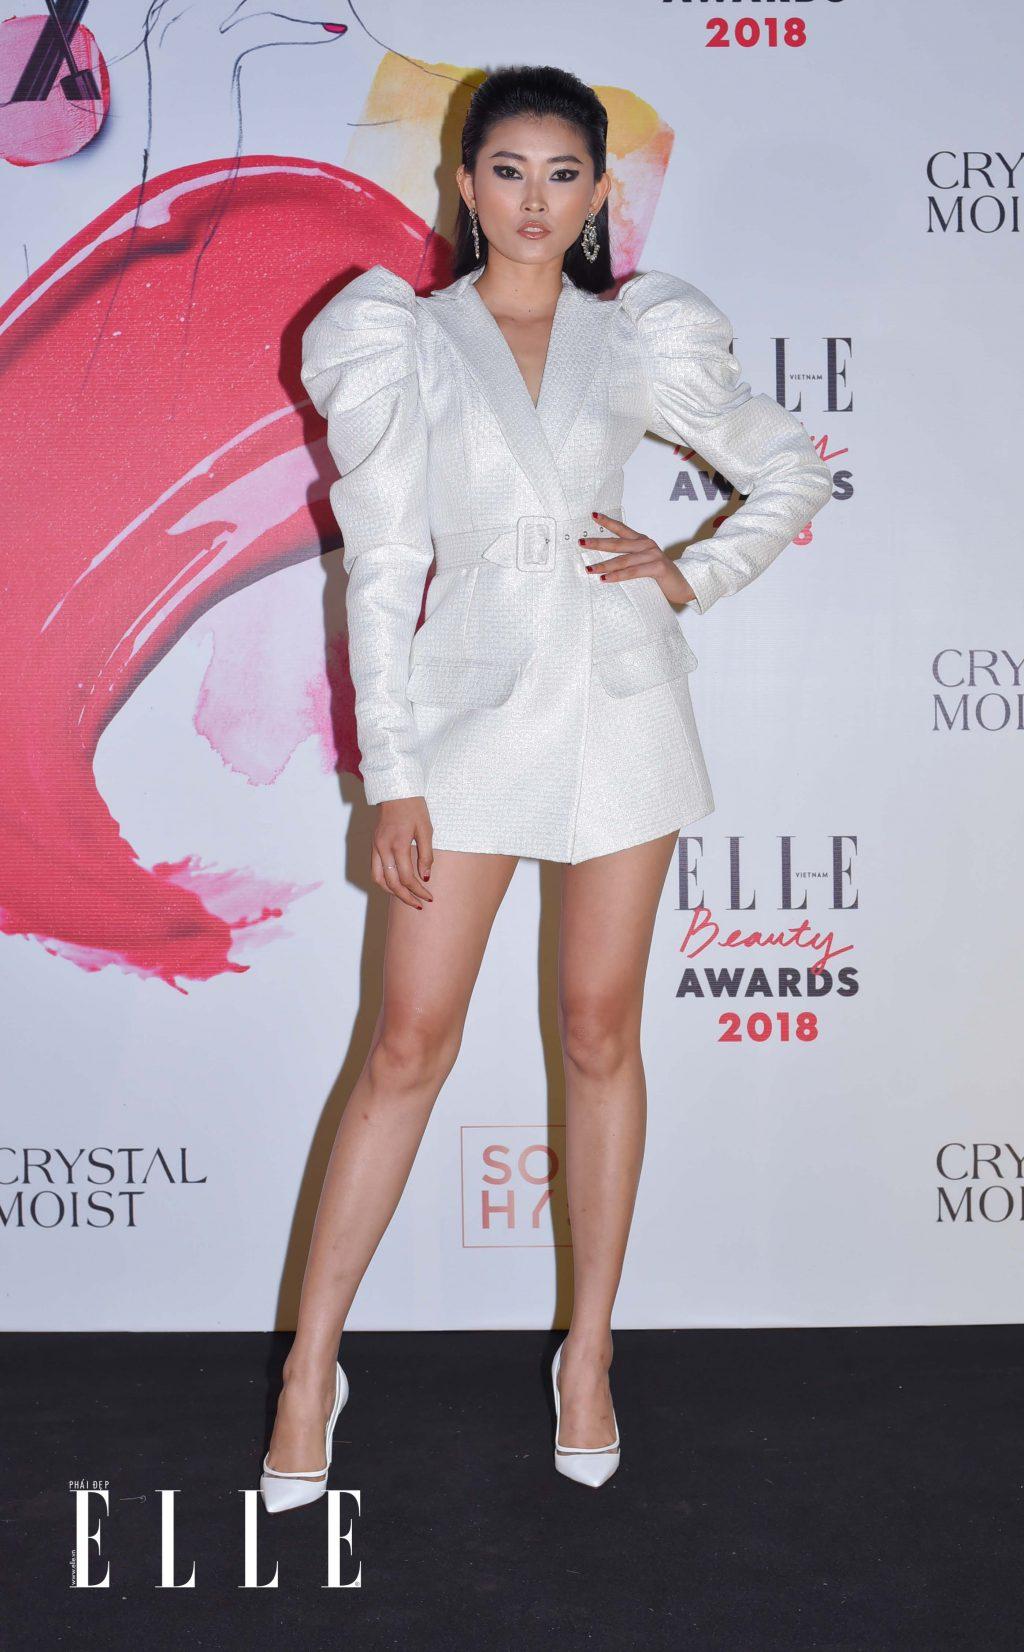 ELLE Beauty Awards 2018: Những gương mặt nổi bật nhất trong đêm trao giải